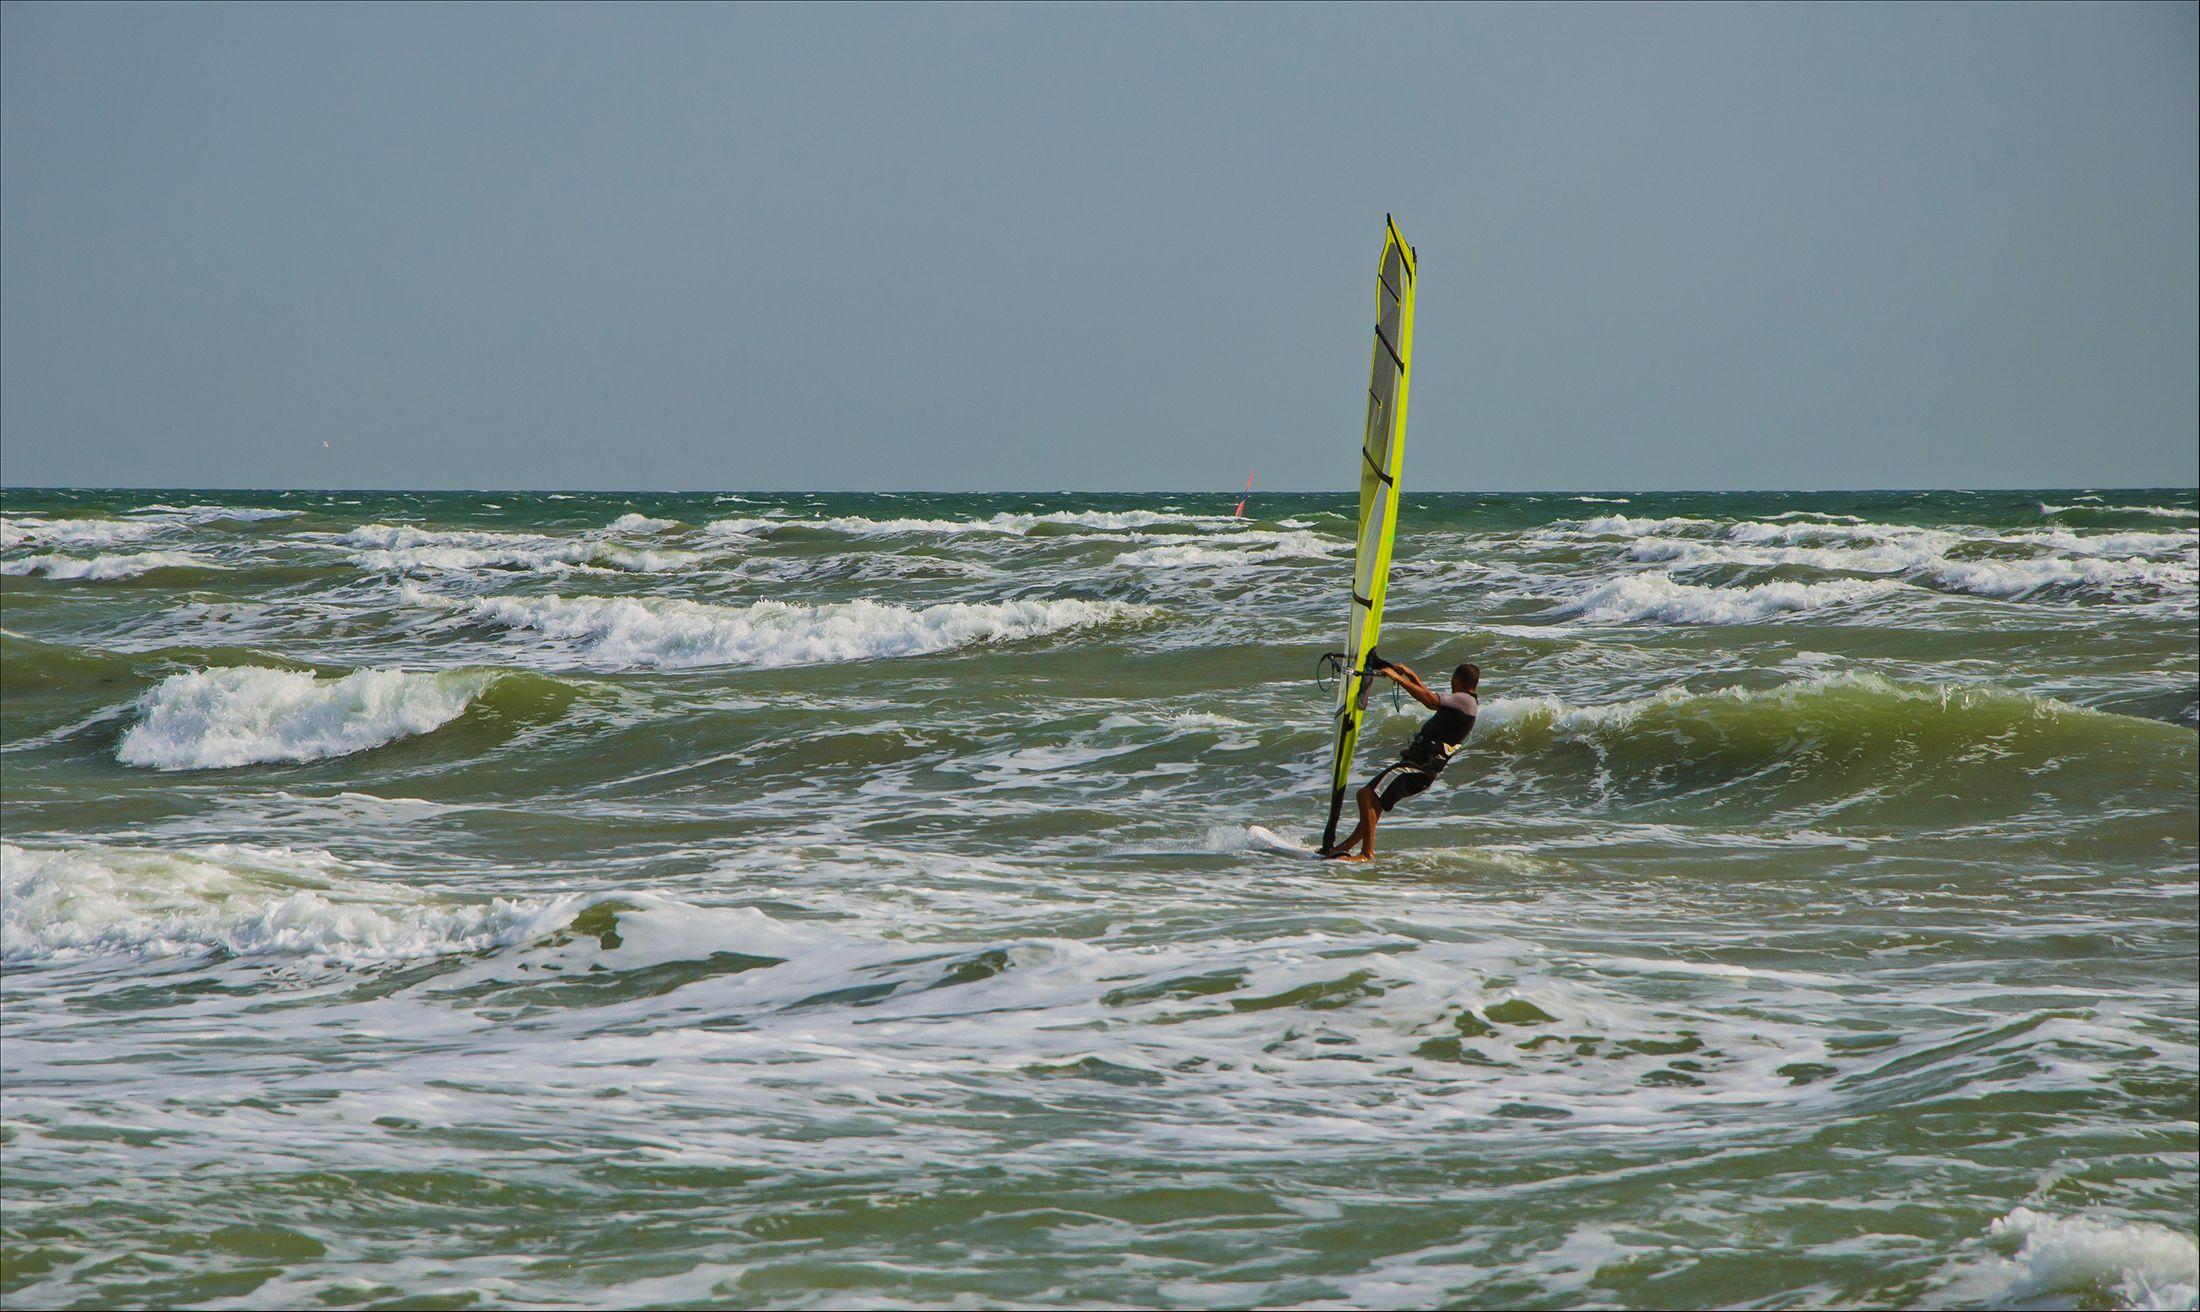 азов, море, парус, ветер, волна, Валерий Наумов